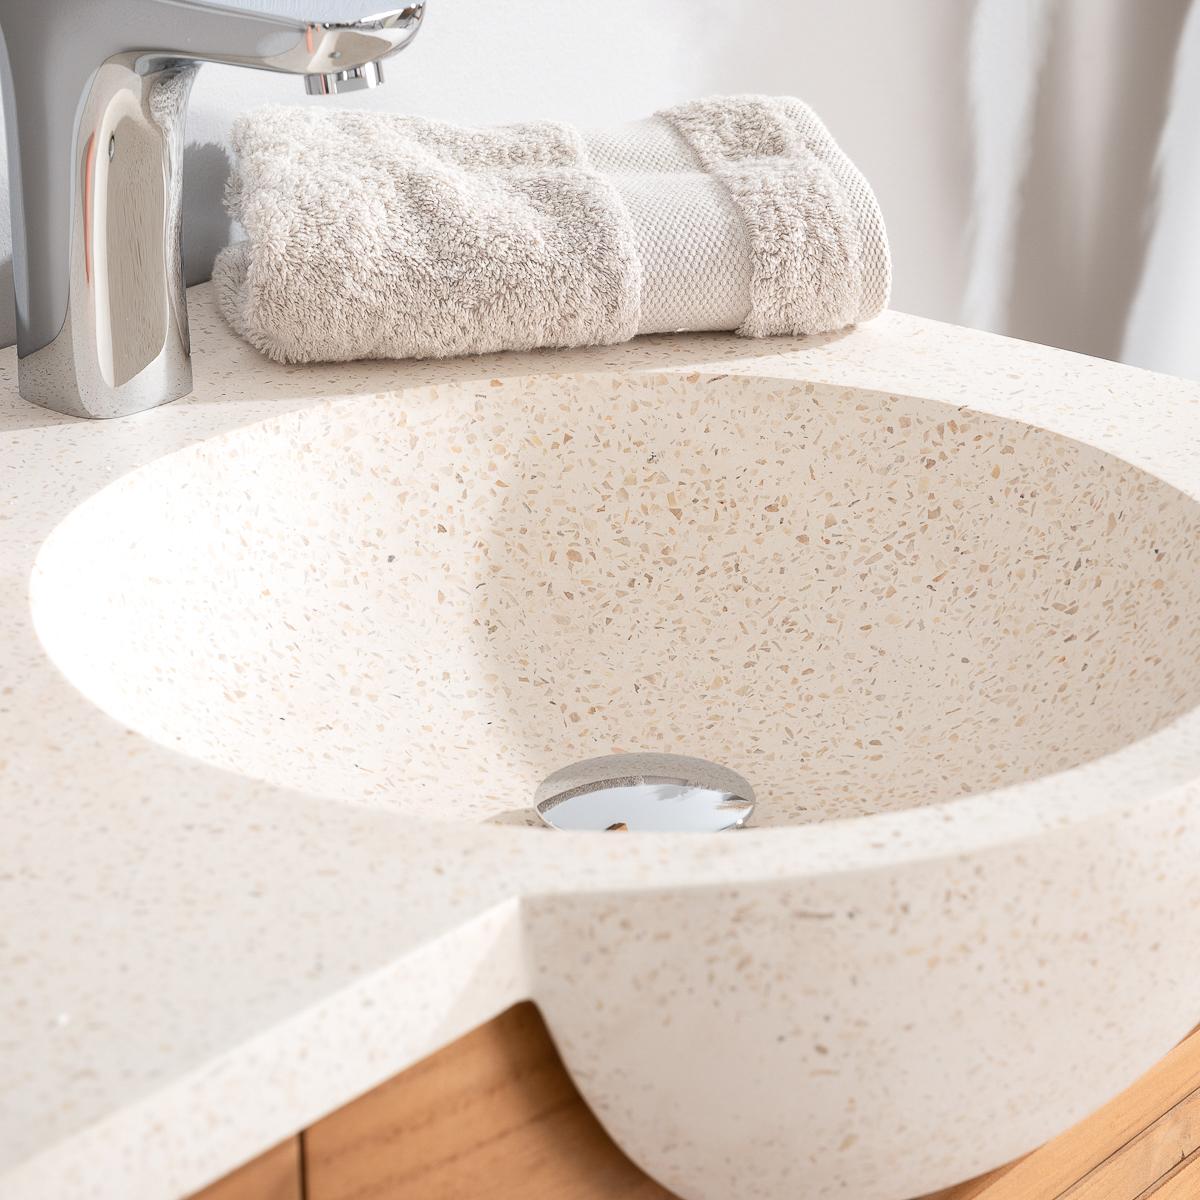 Meuble salle de bain meuble suspendu teck avec vasque for Meuble salle de bain 1 m